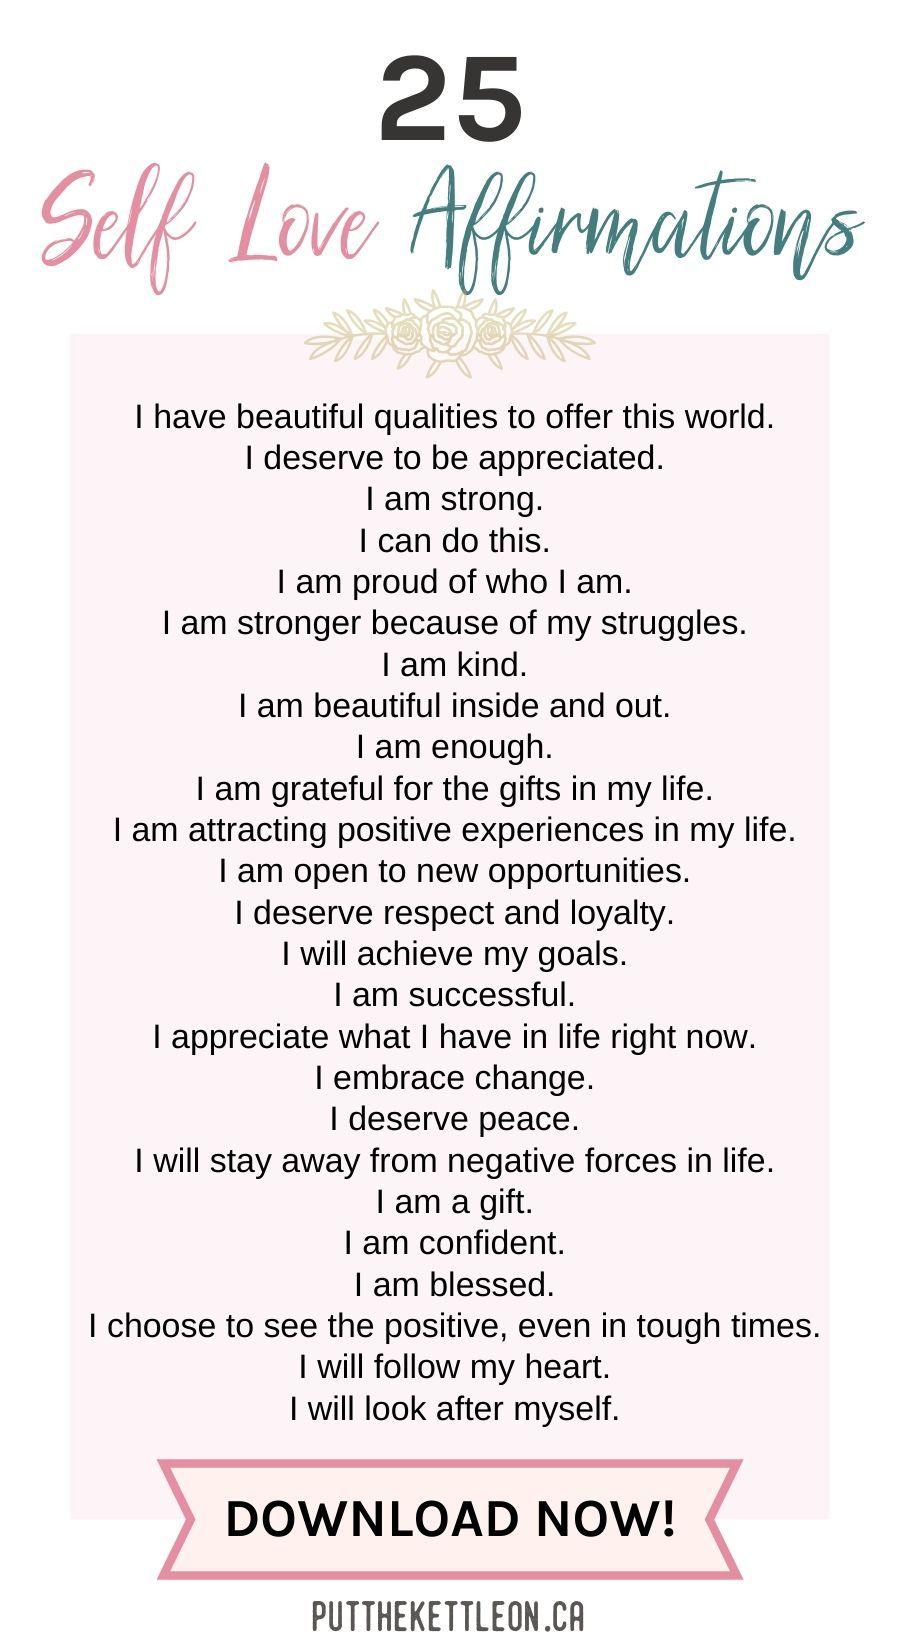 25 Positive Self Love Affirmations + Free Download & Worksheet